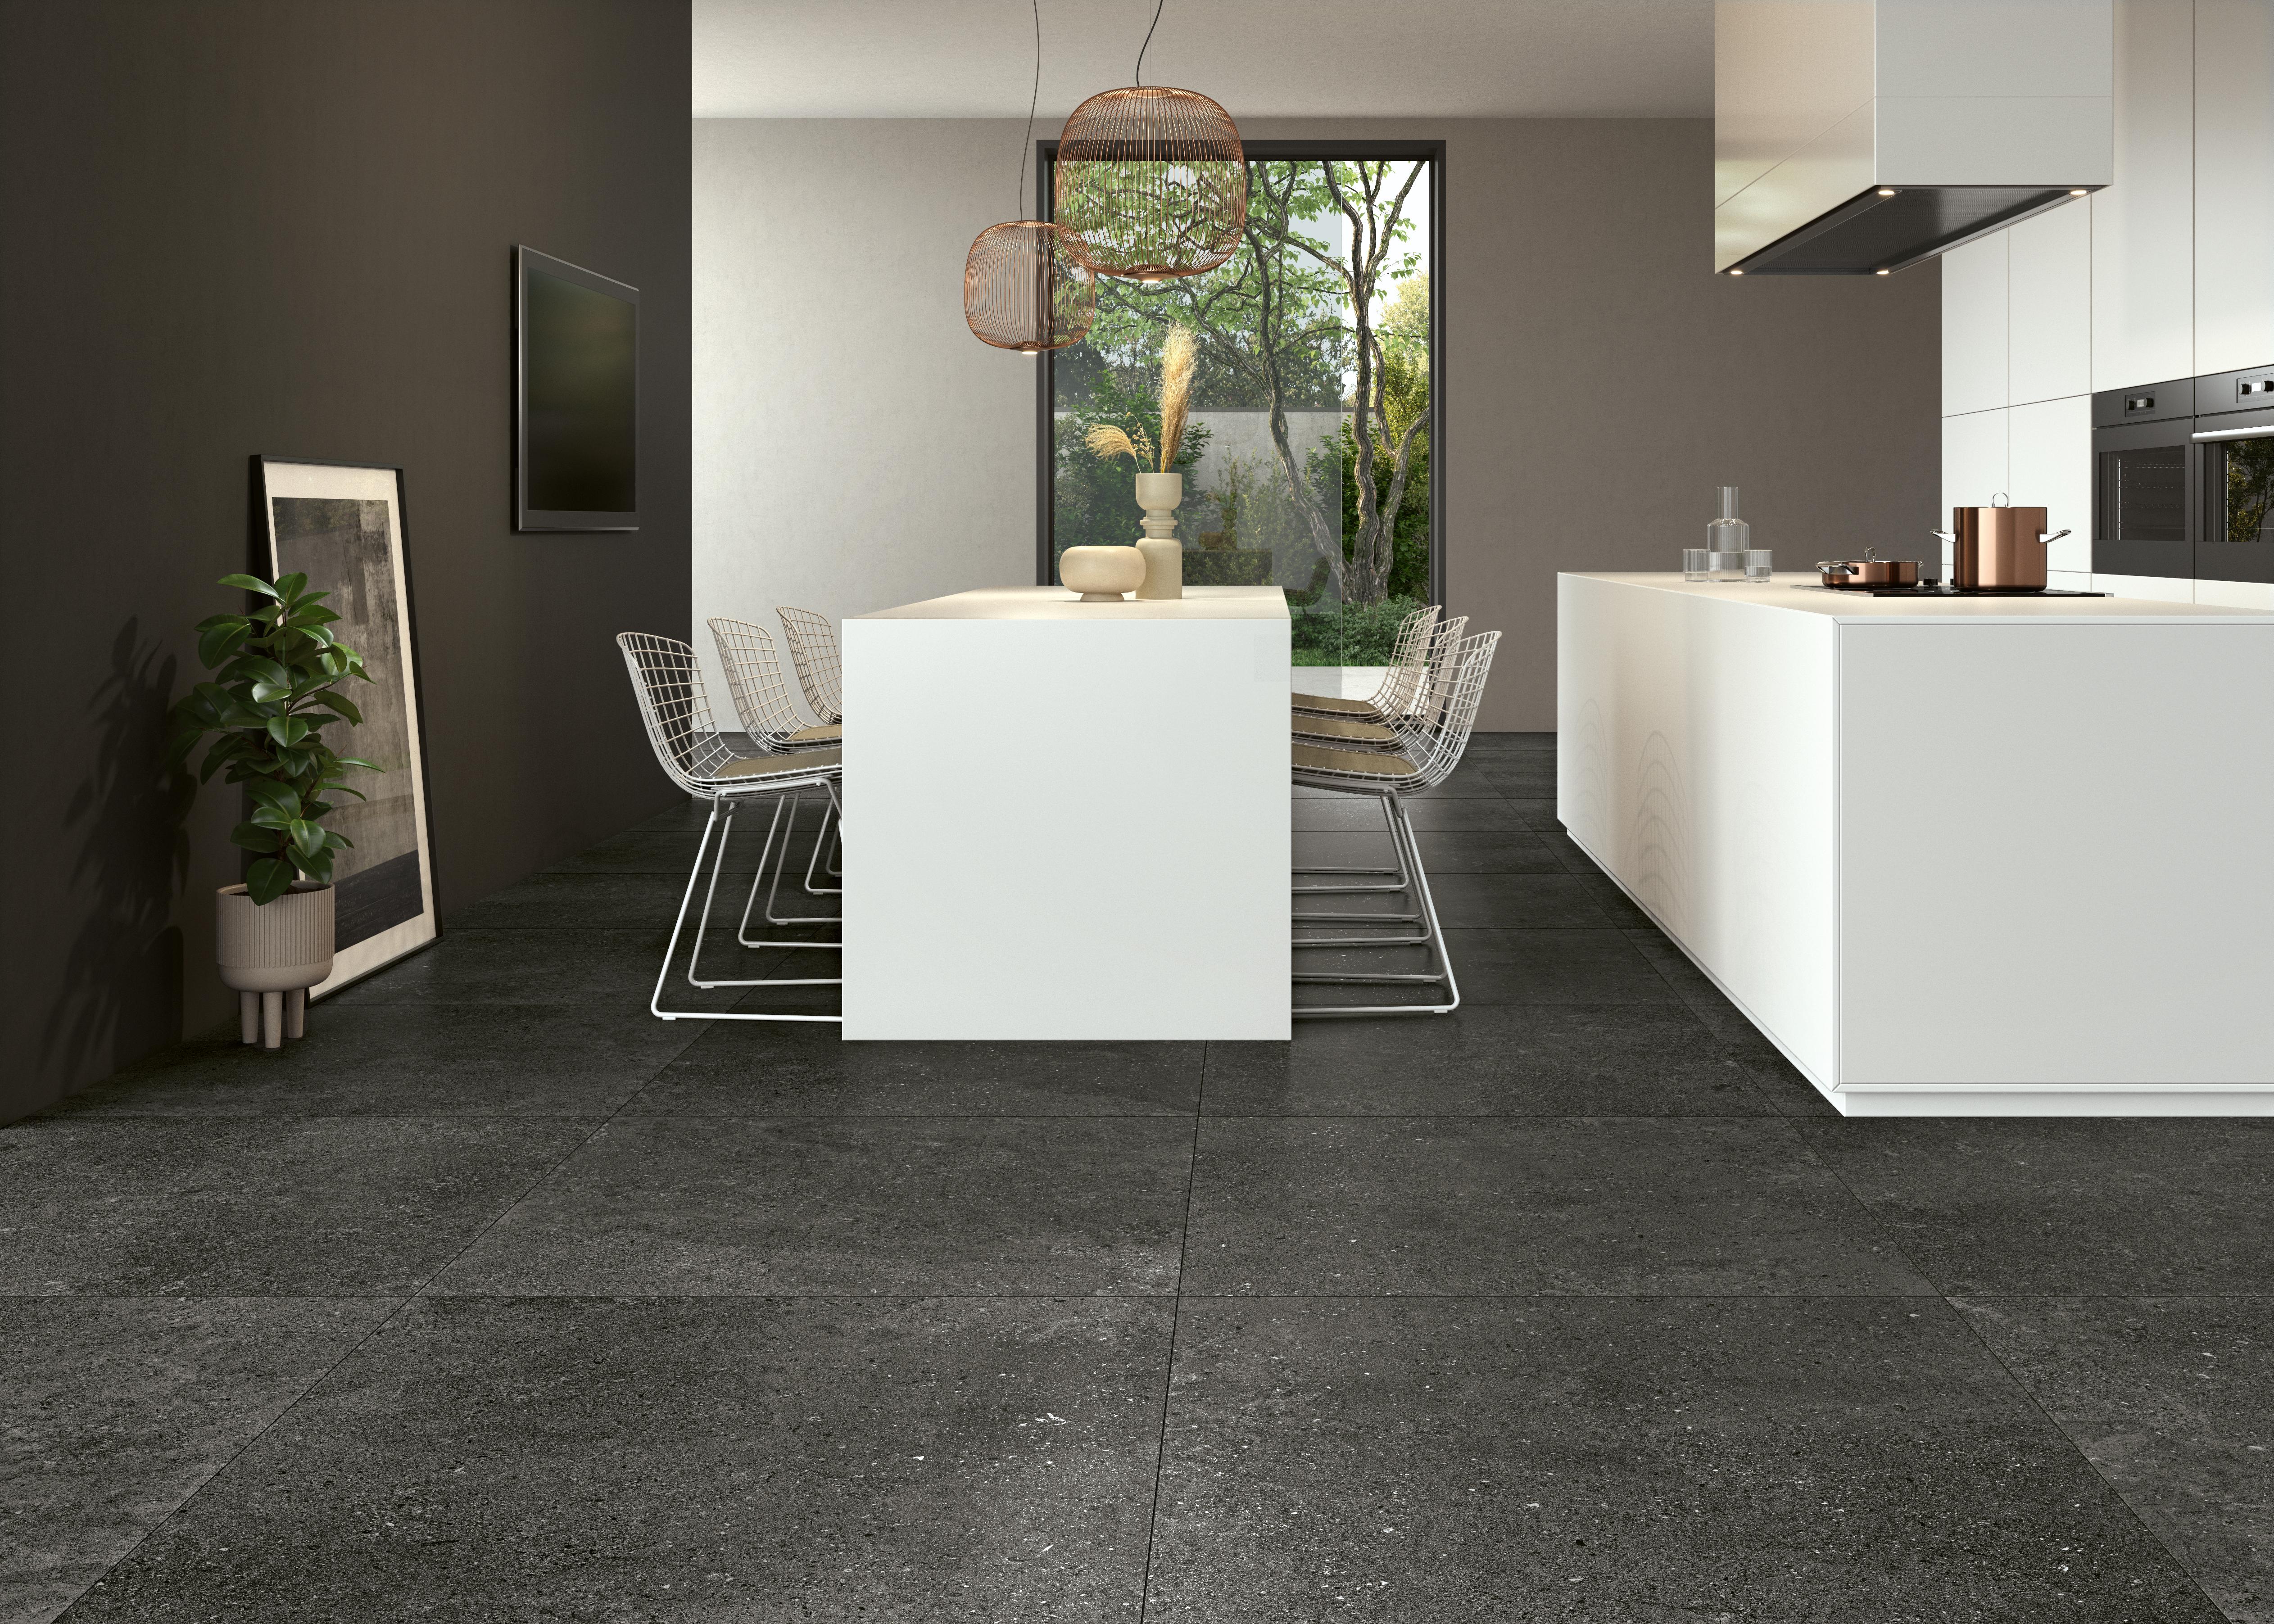 dunkel grau Steinoptik Bodenfliesen in der Küche, dark grey stone effect tiles  on the kitchen floor